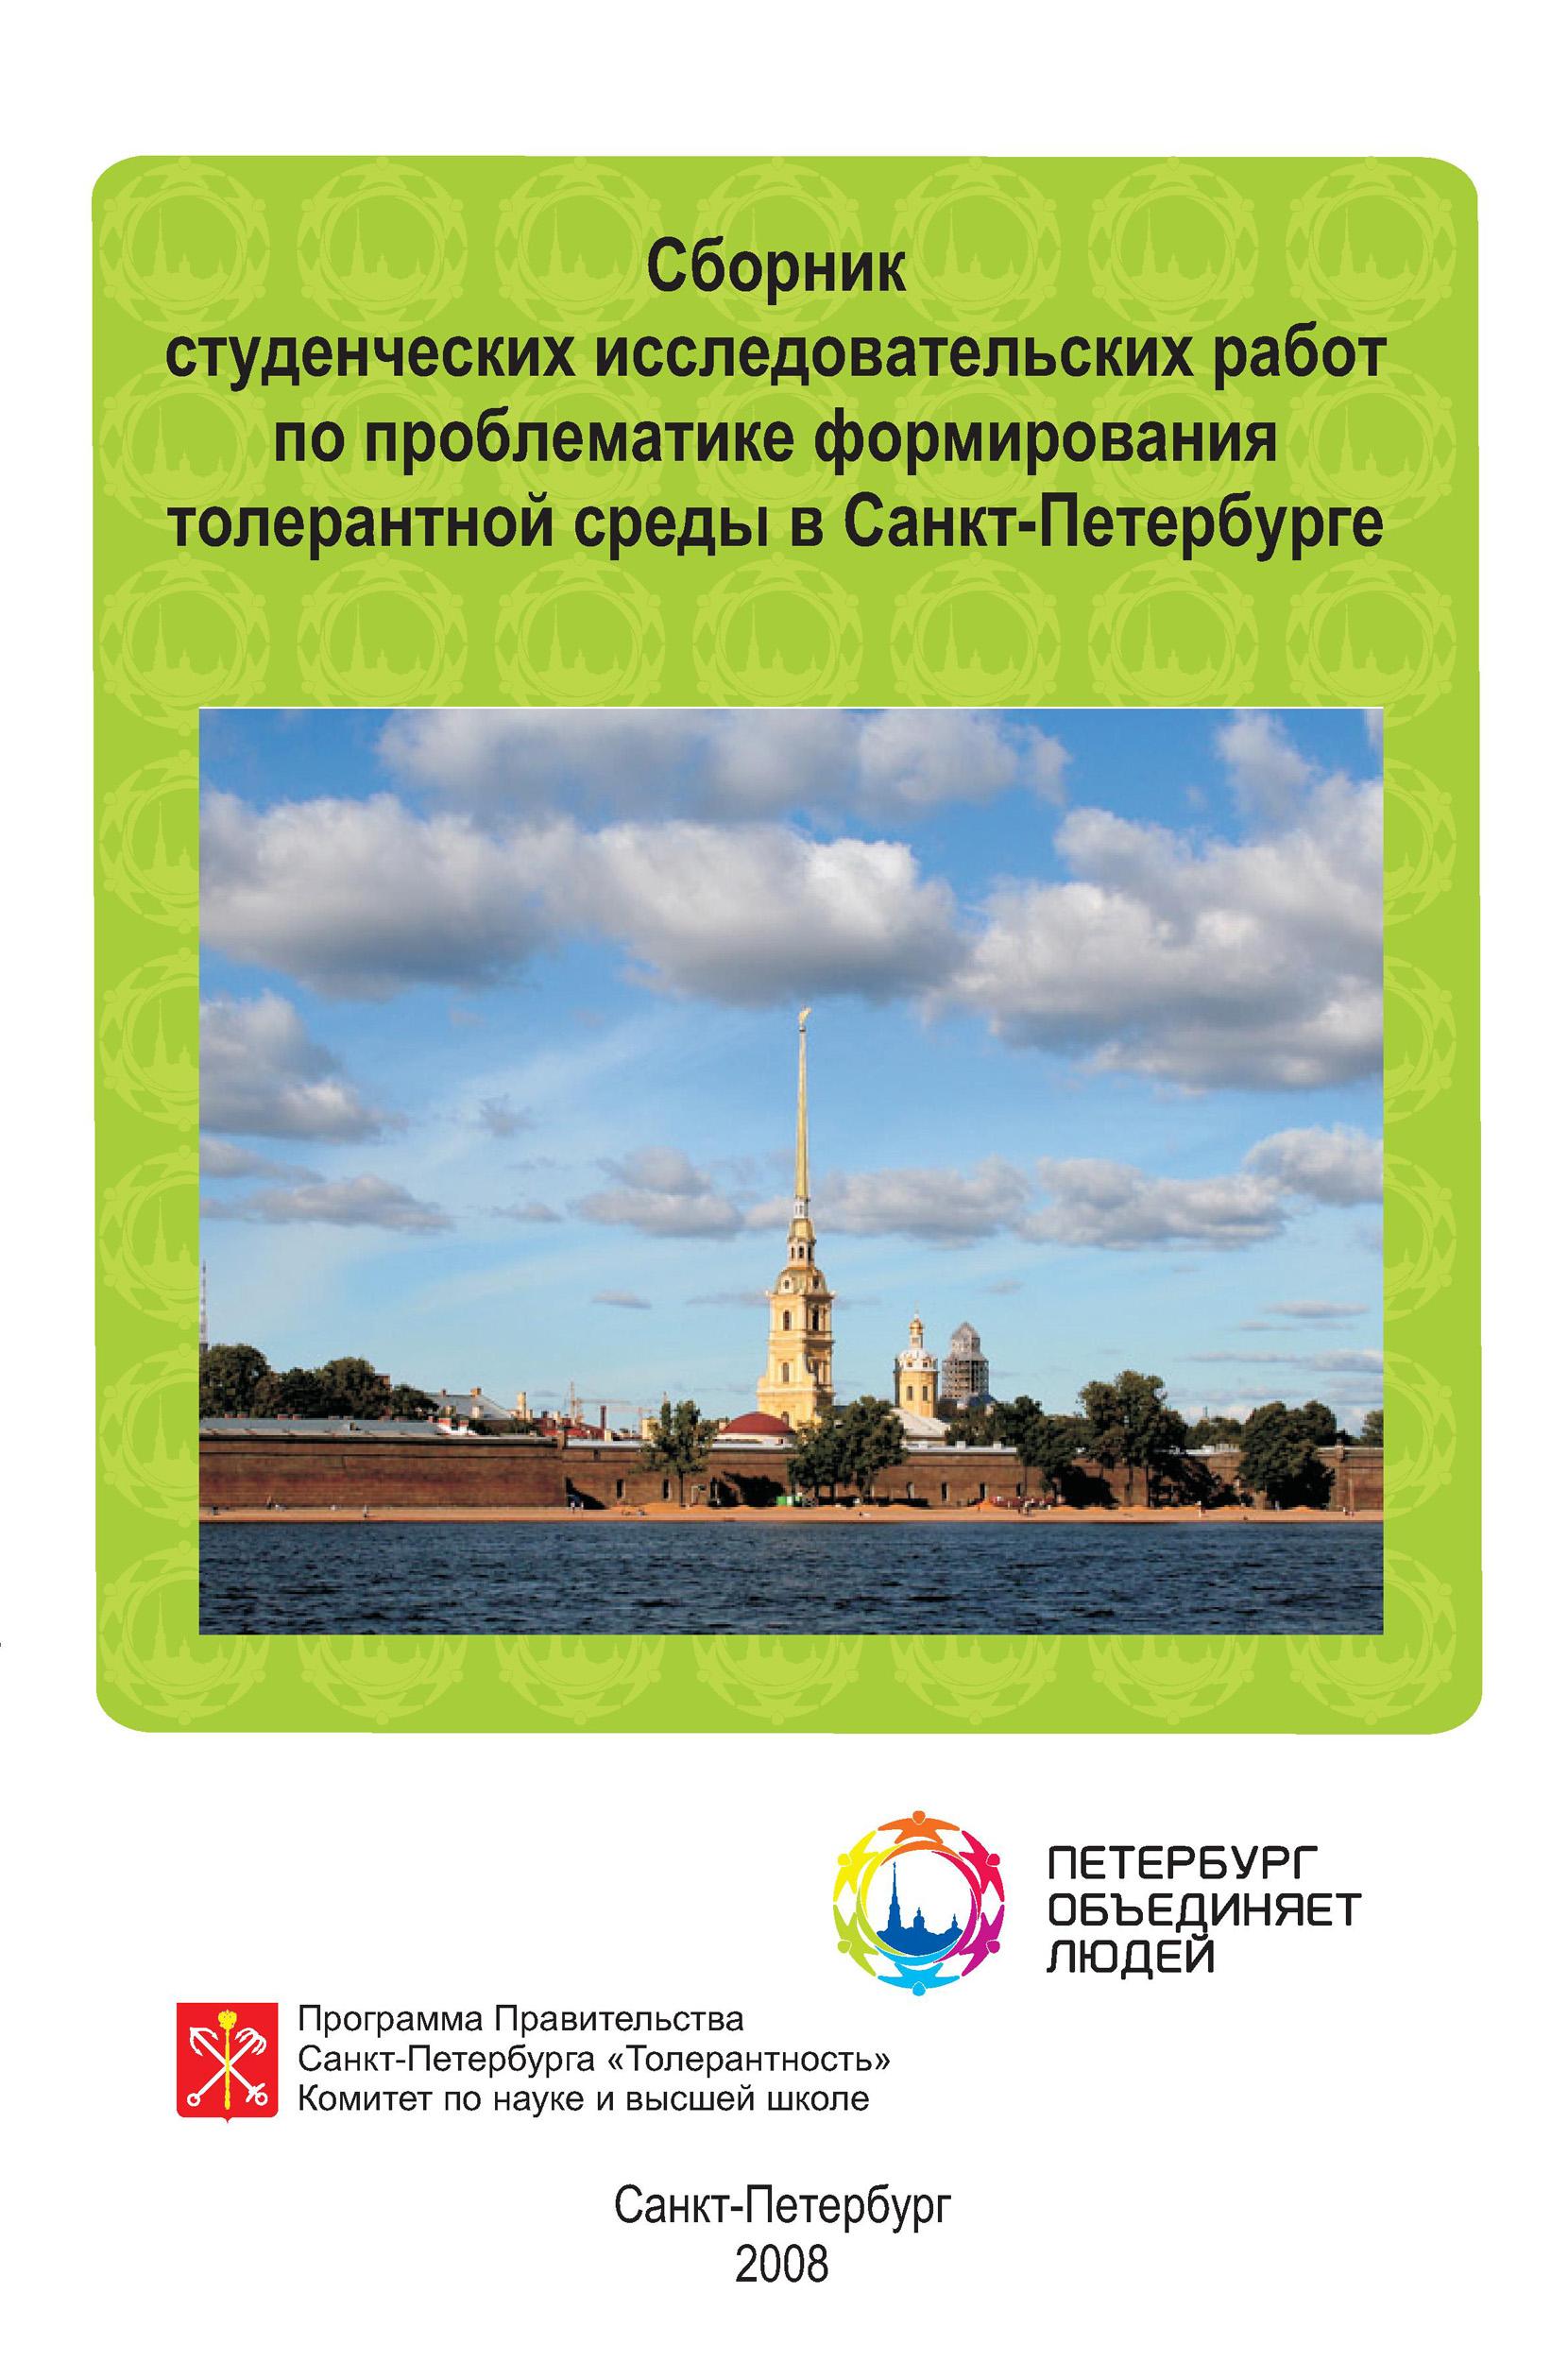 Сборник статей Сборник студенческих исследовательских работ по проблематике формирования толерантной среды в Санкт-Петербурге